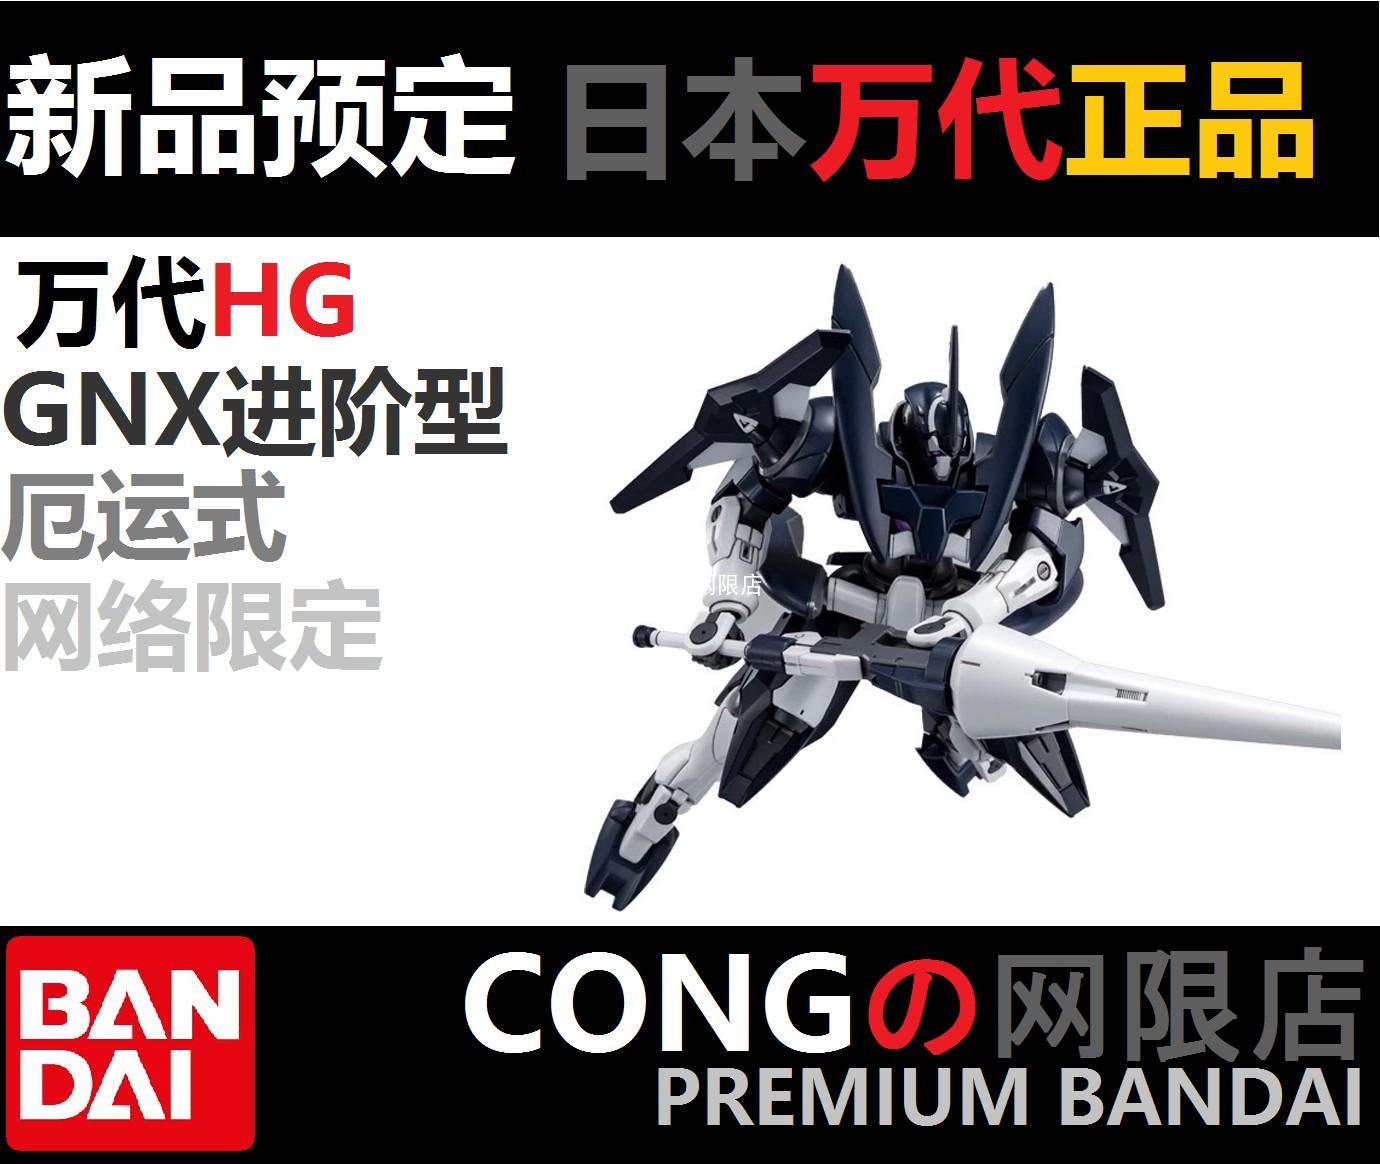 万代PB限定HG GNX进阶型厄运式GNX改 GNX604T ADVANCED网络限定